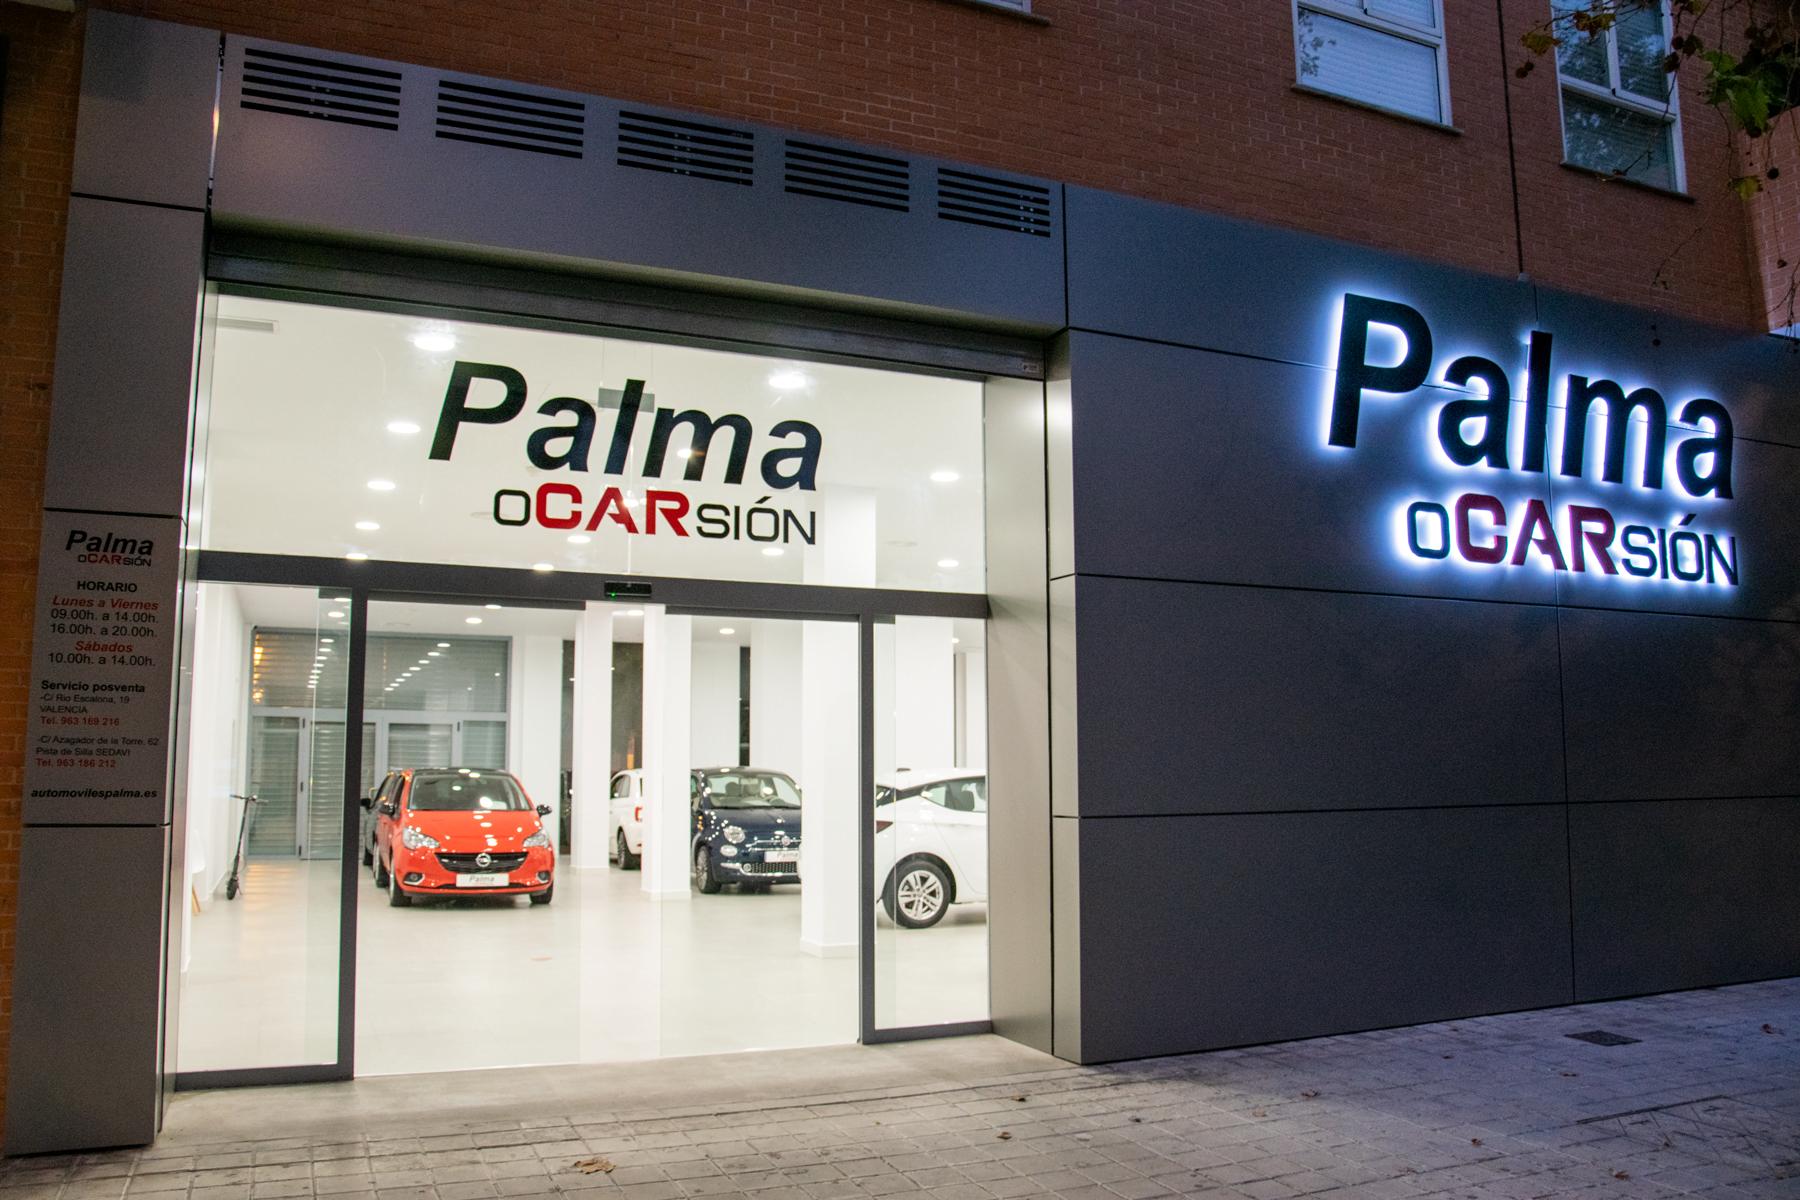 Automóviles Palma inaugura nueva instalación y marca propia de vehículos de ocasión